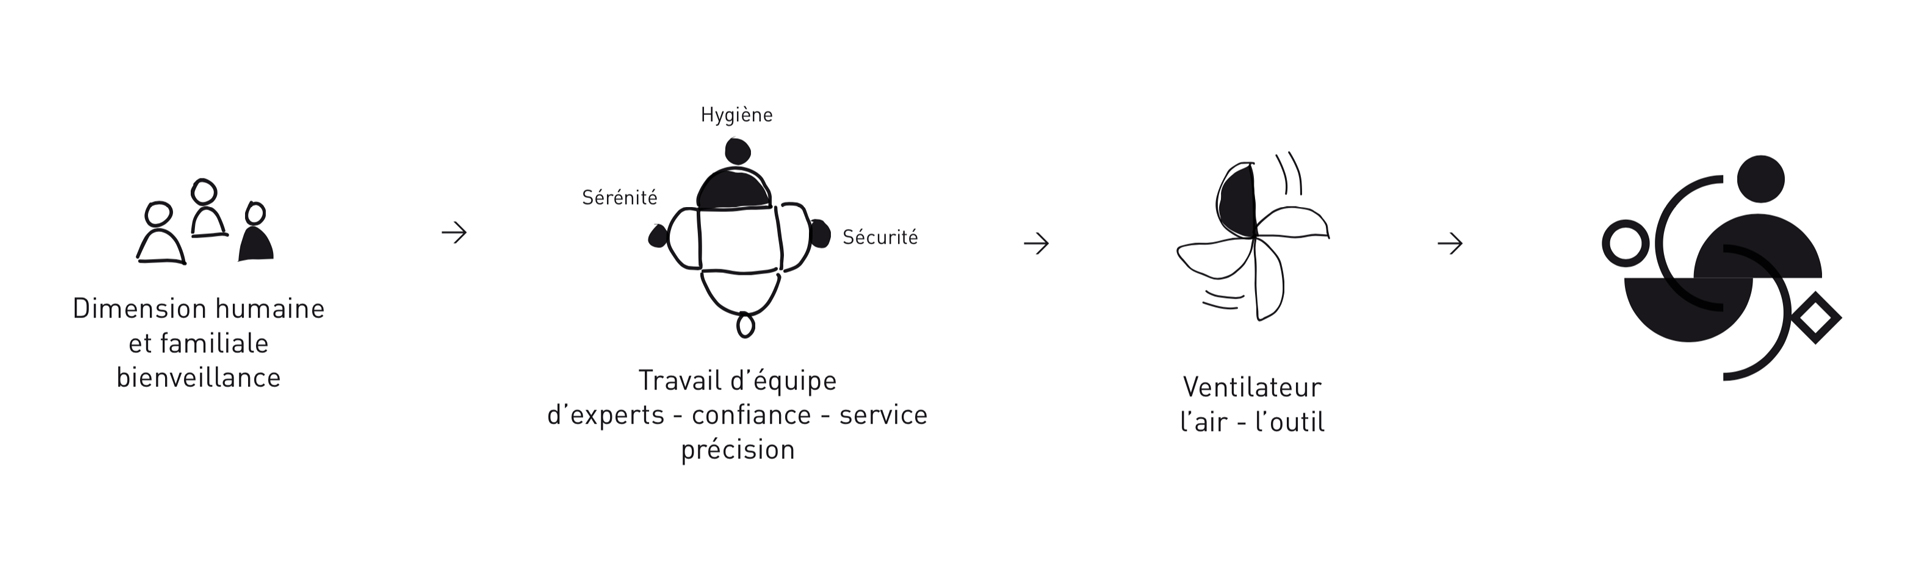 Compagnons Du Vent Identite Visuelle Logotype Concept